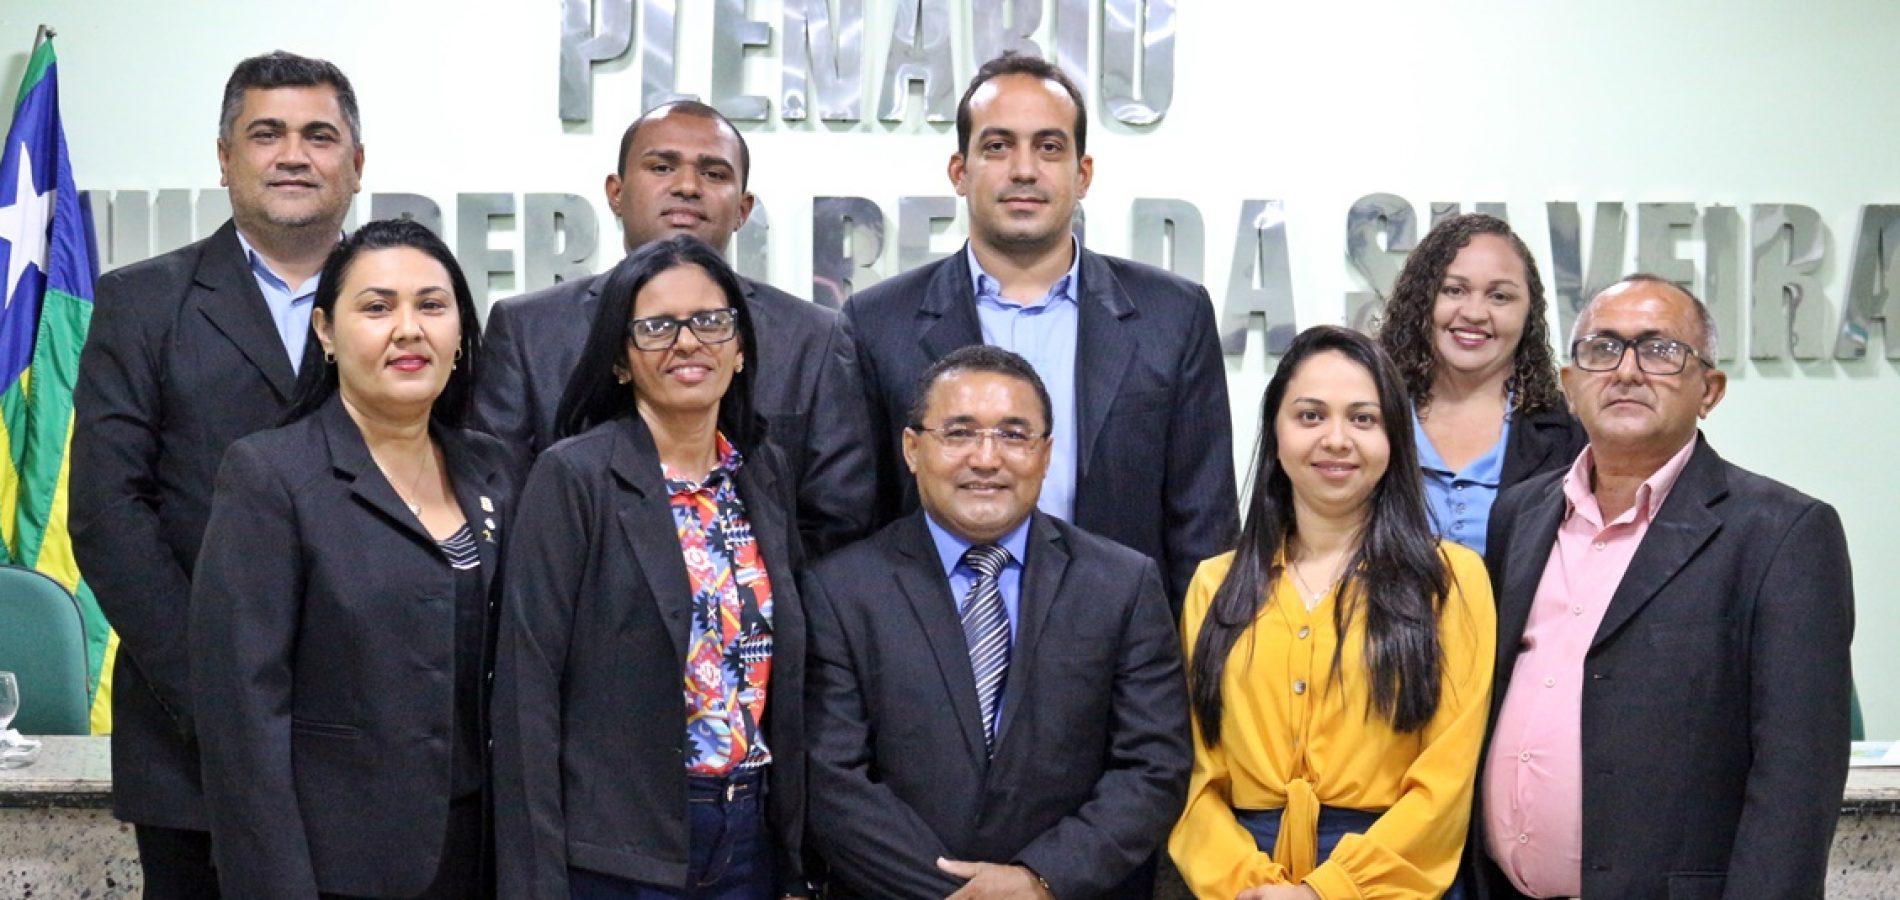 Câmara de Jaicós abre o período legislativo; Executivo apresenta mensagem com balanço e perspectivas